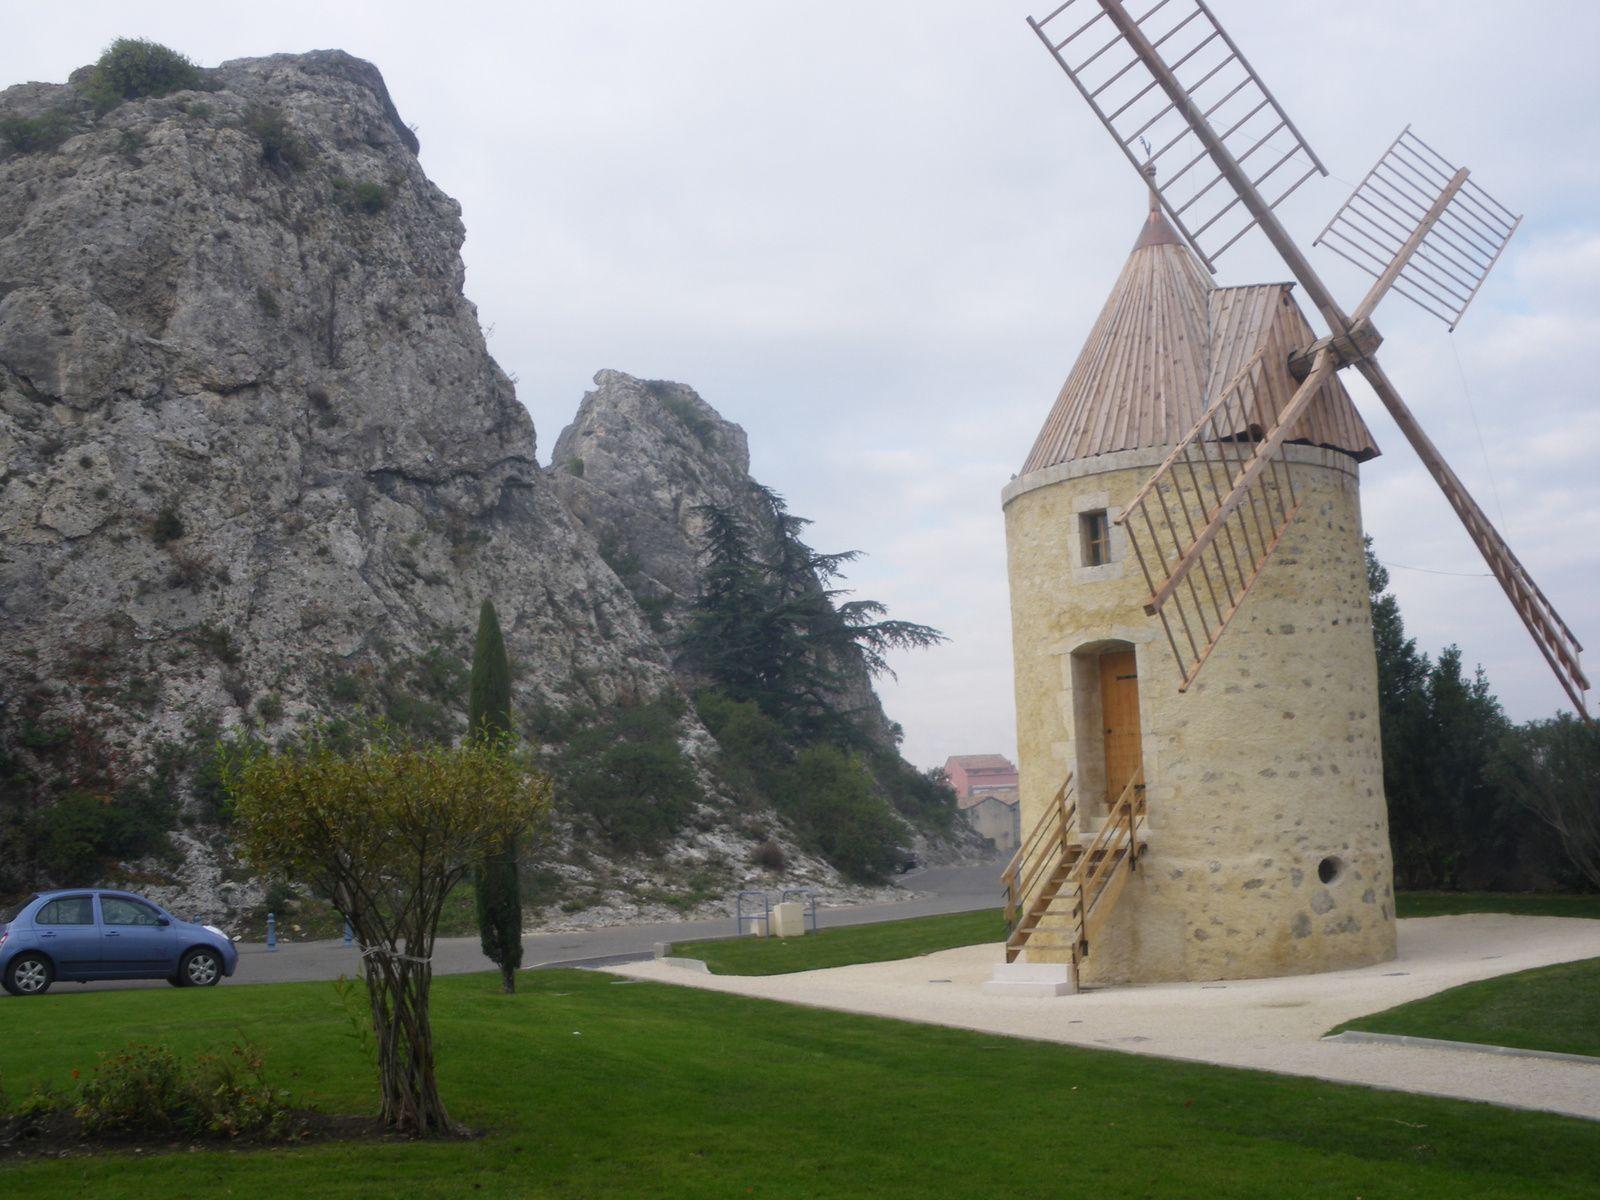 Les ailes du moulin font 13 m de diamètre, comme celle d'autrefois. Pour la restauration on s'est inspiré des autres moulins à vent provencaux, comme celui de Fontvieille popularisé par l'oeuvre d'Alphonse Daudet